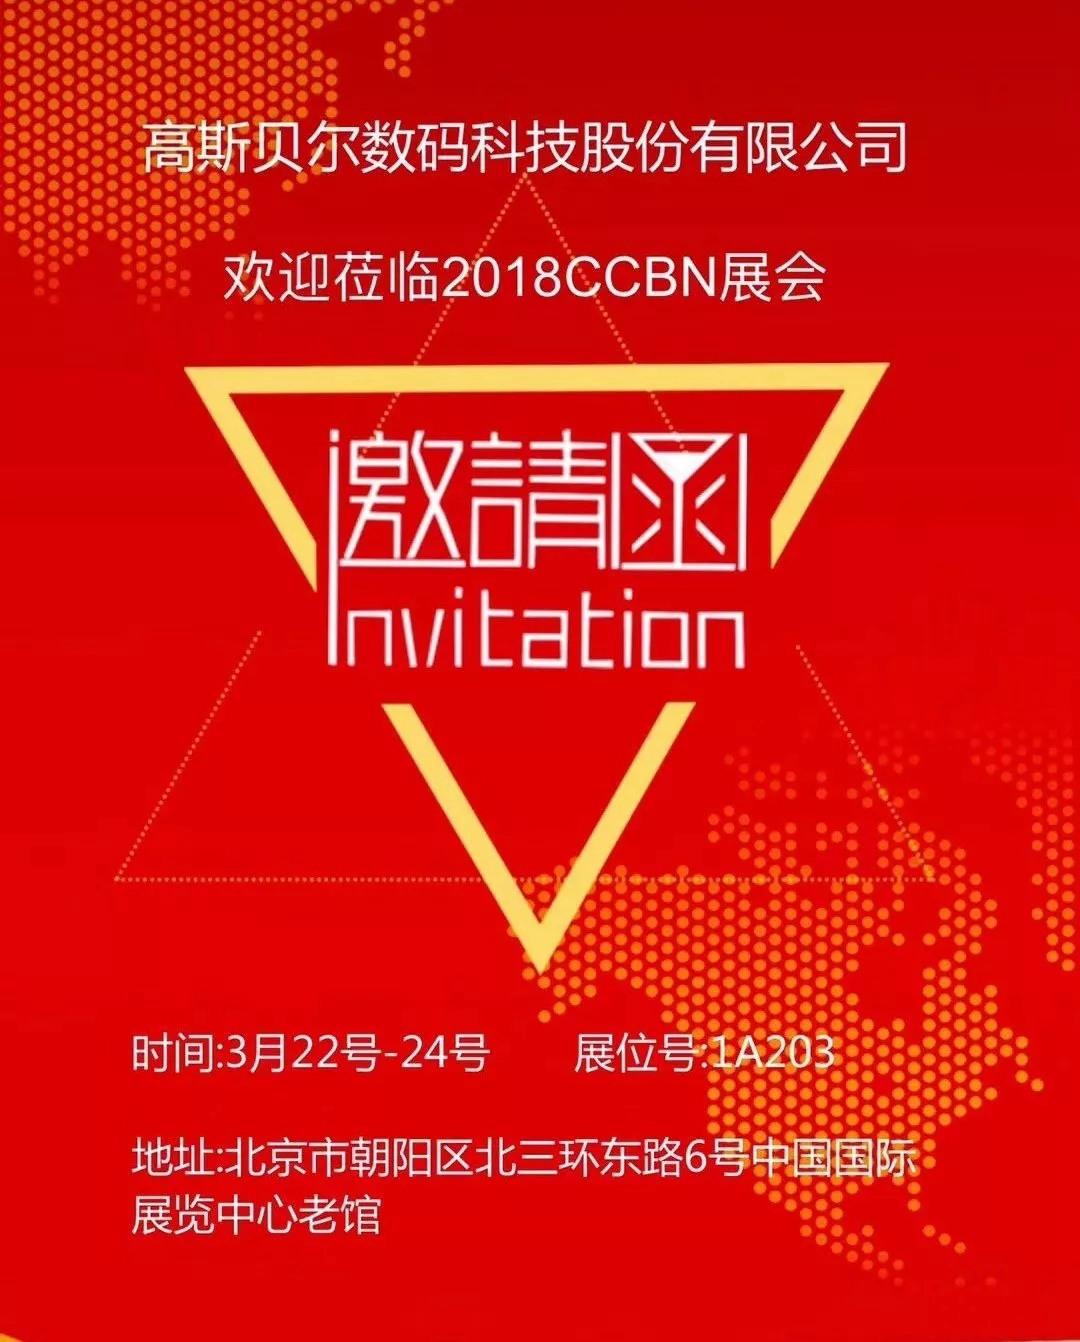 2018CCBN展盛大开幕,高斯贝尔火爆京城!